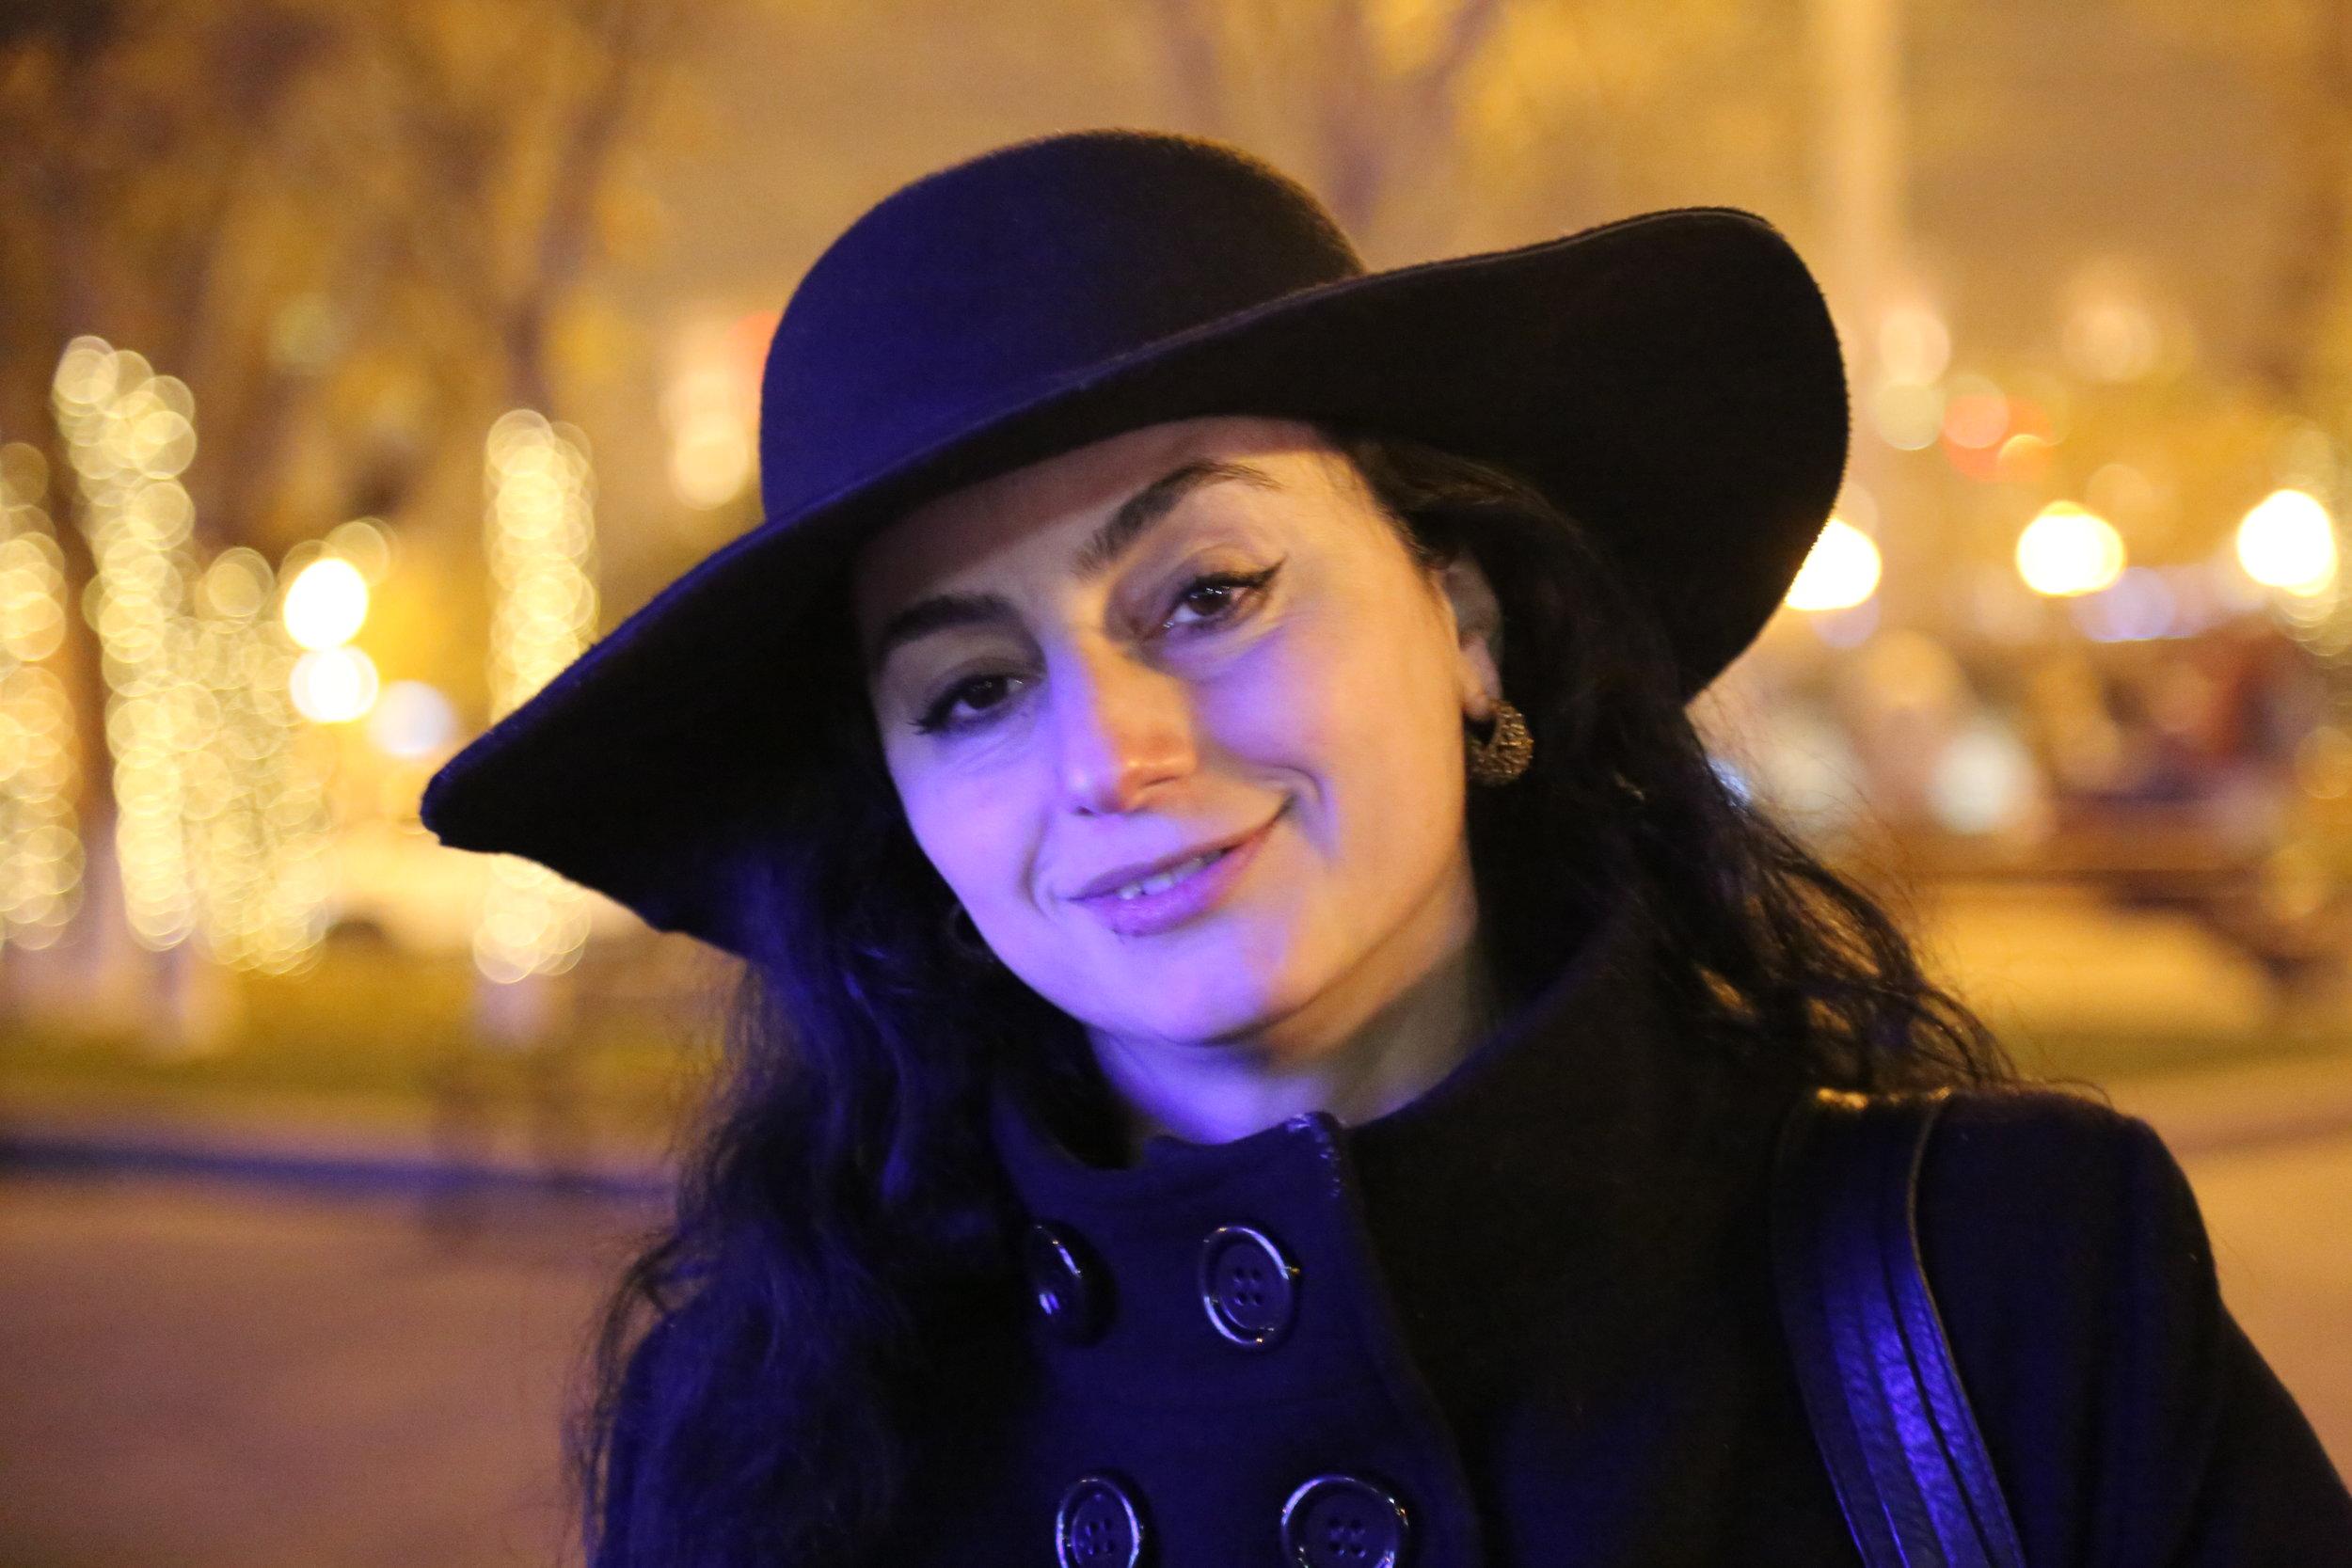 Режиссер документальных фильмов Виктория Максоева. Фото Юрий Акулян